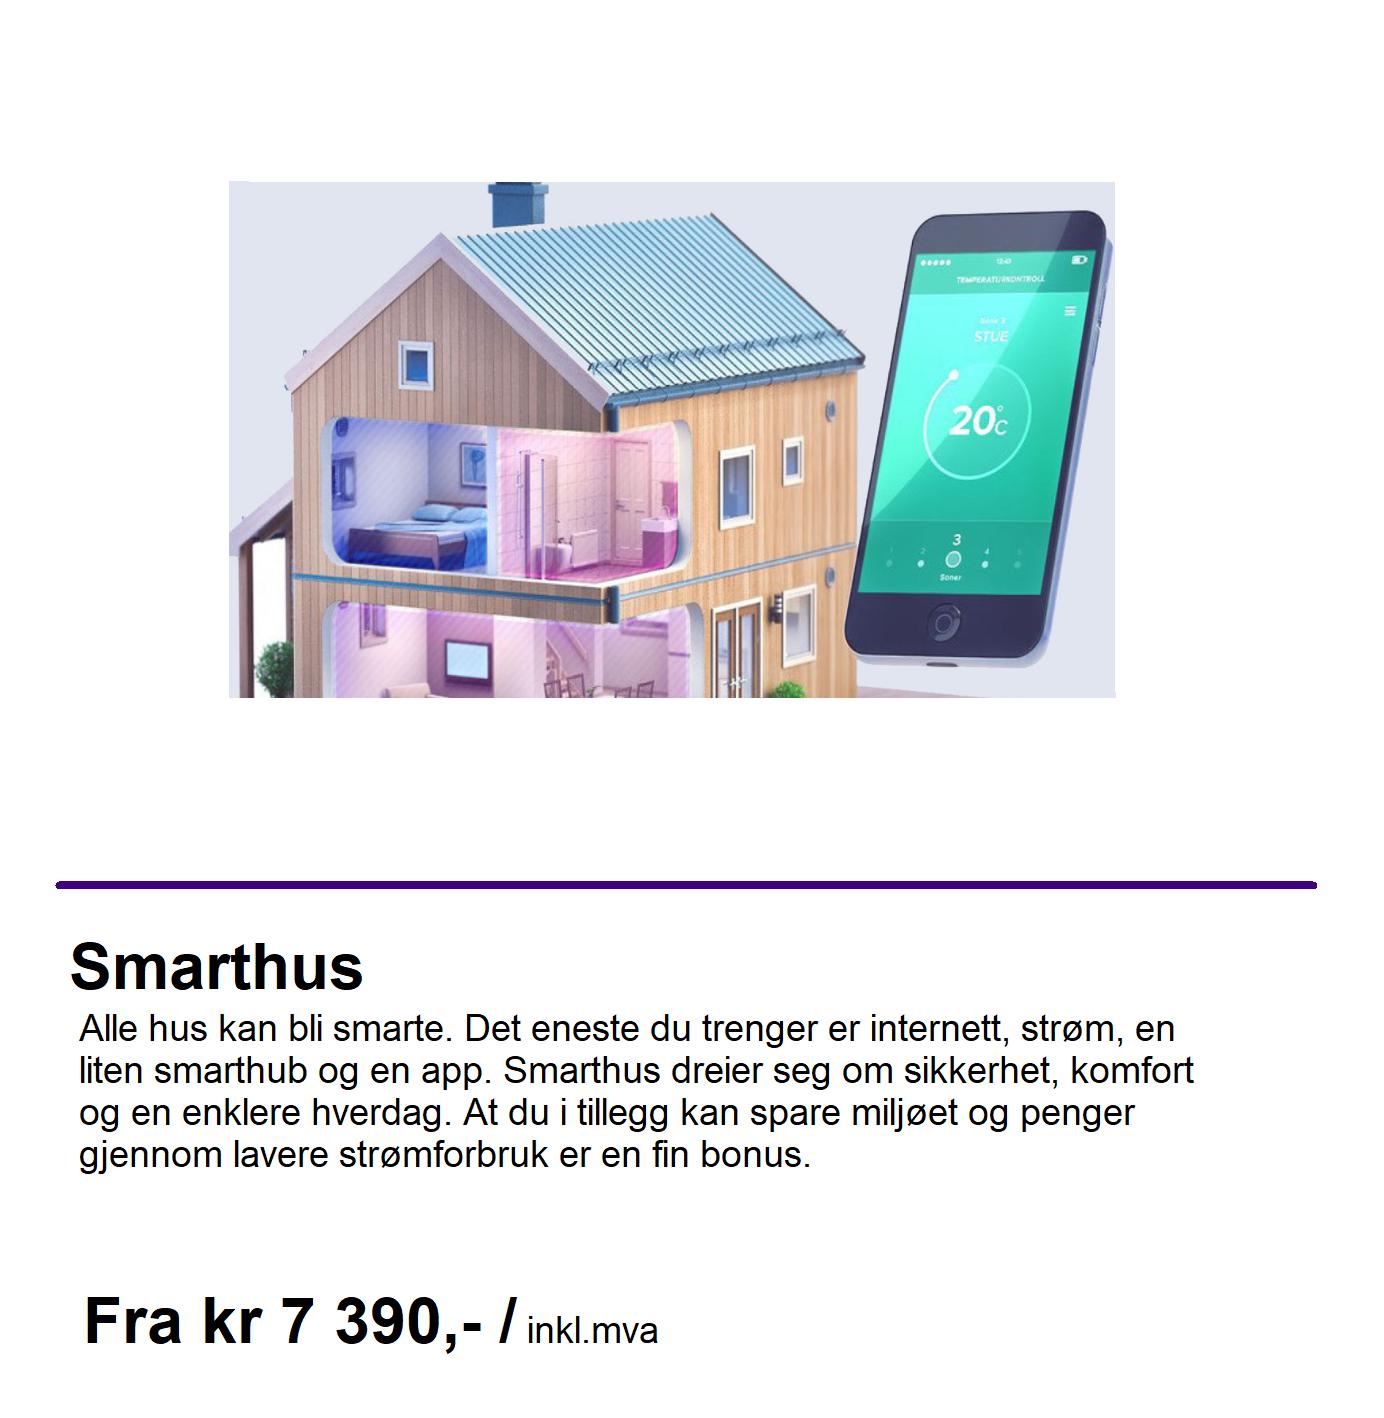 PRODUKT Smarthus bilde nr 1.png